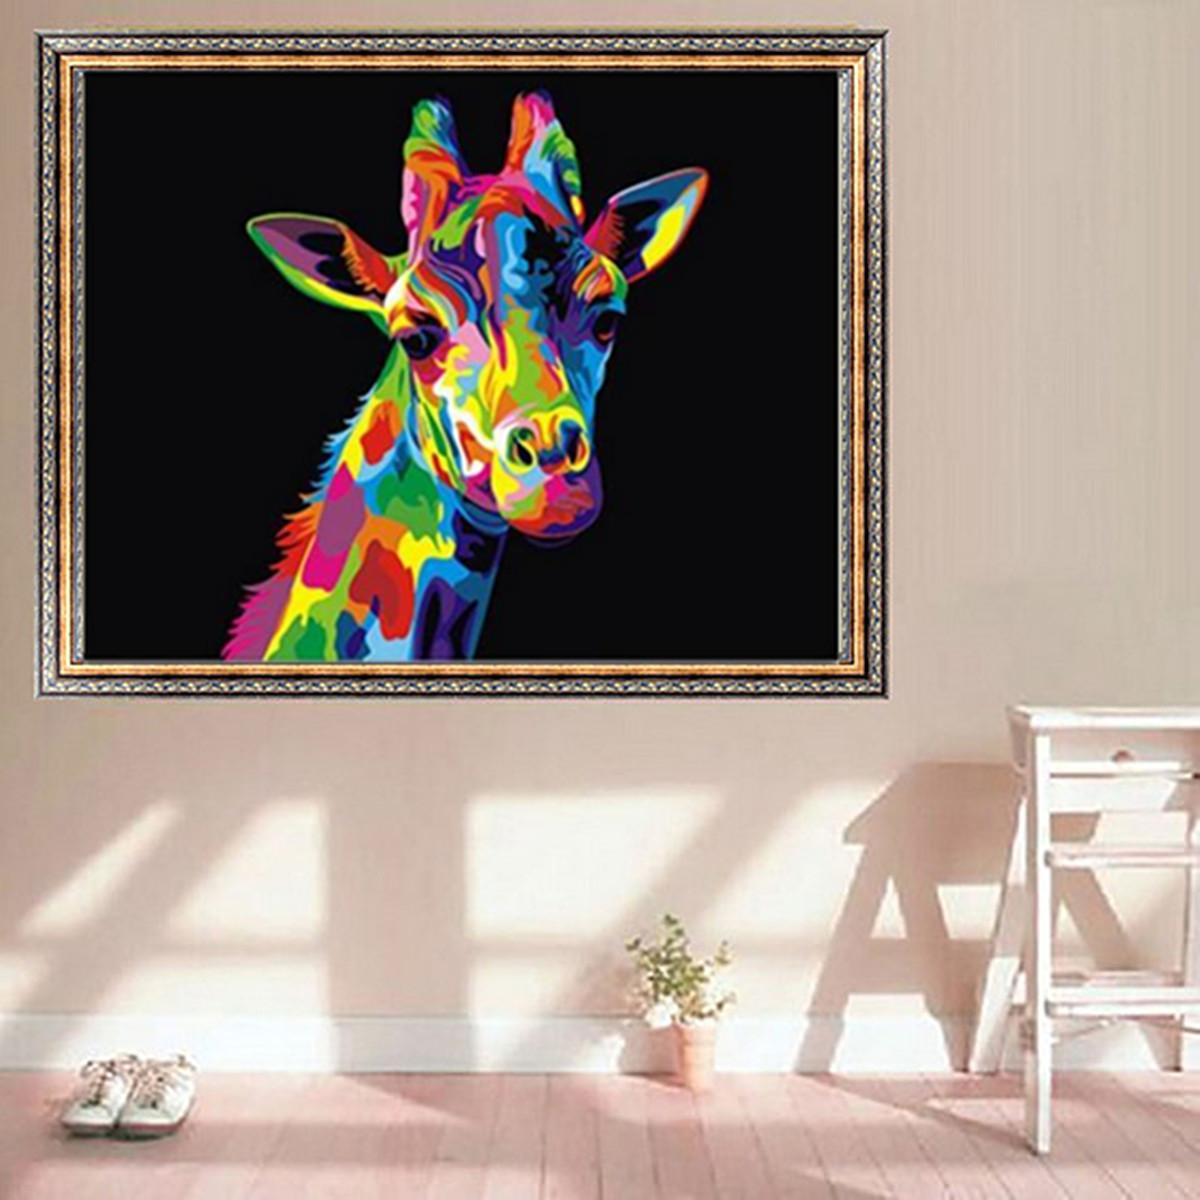 Tempsa tableau peinture girafe animal et cardre sur toile for Decoration tableau peinture